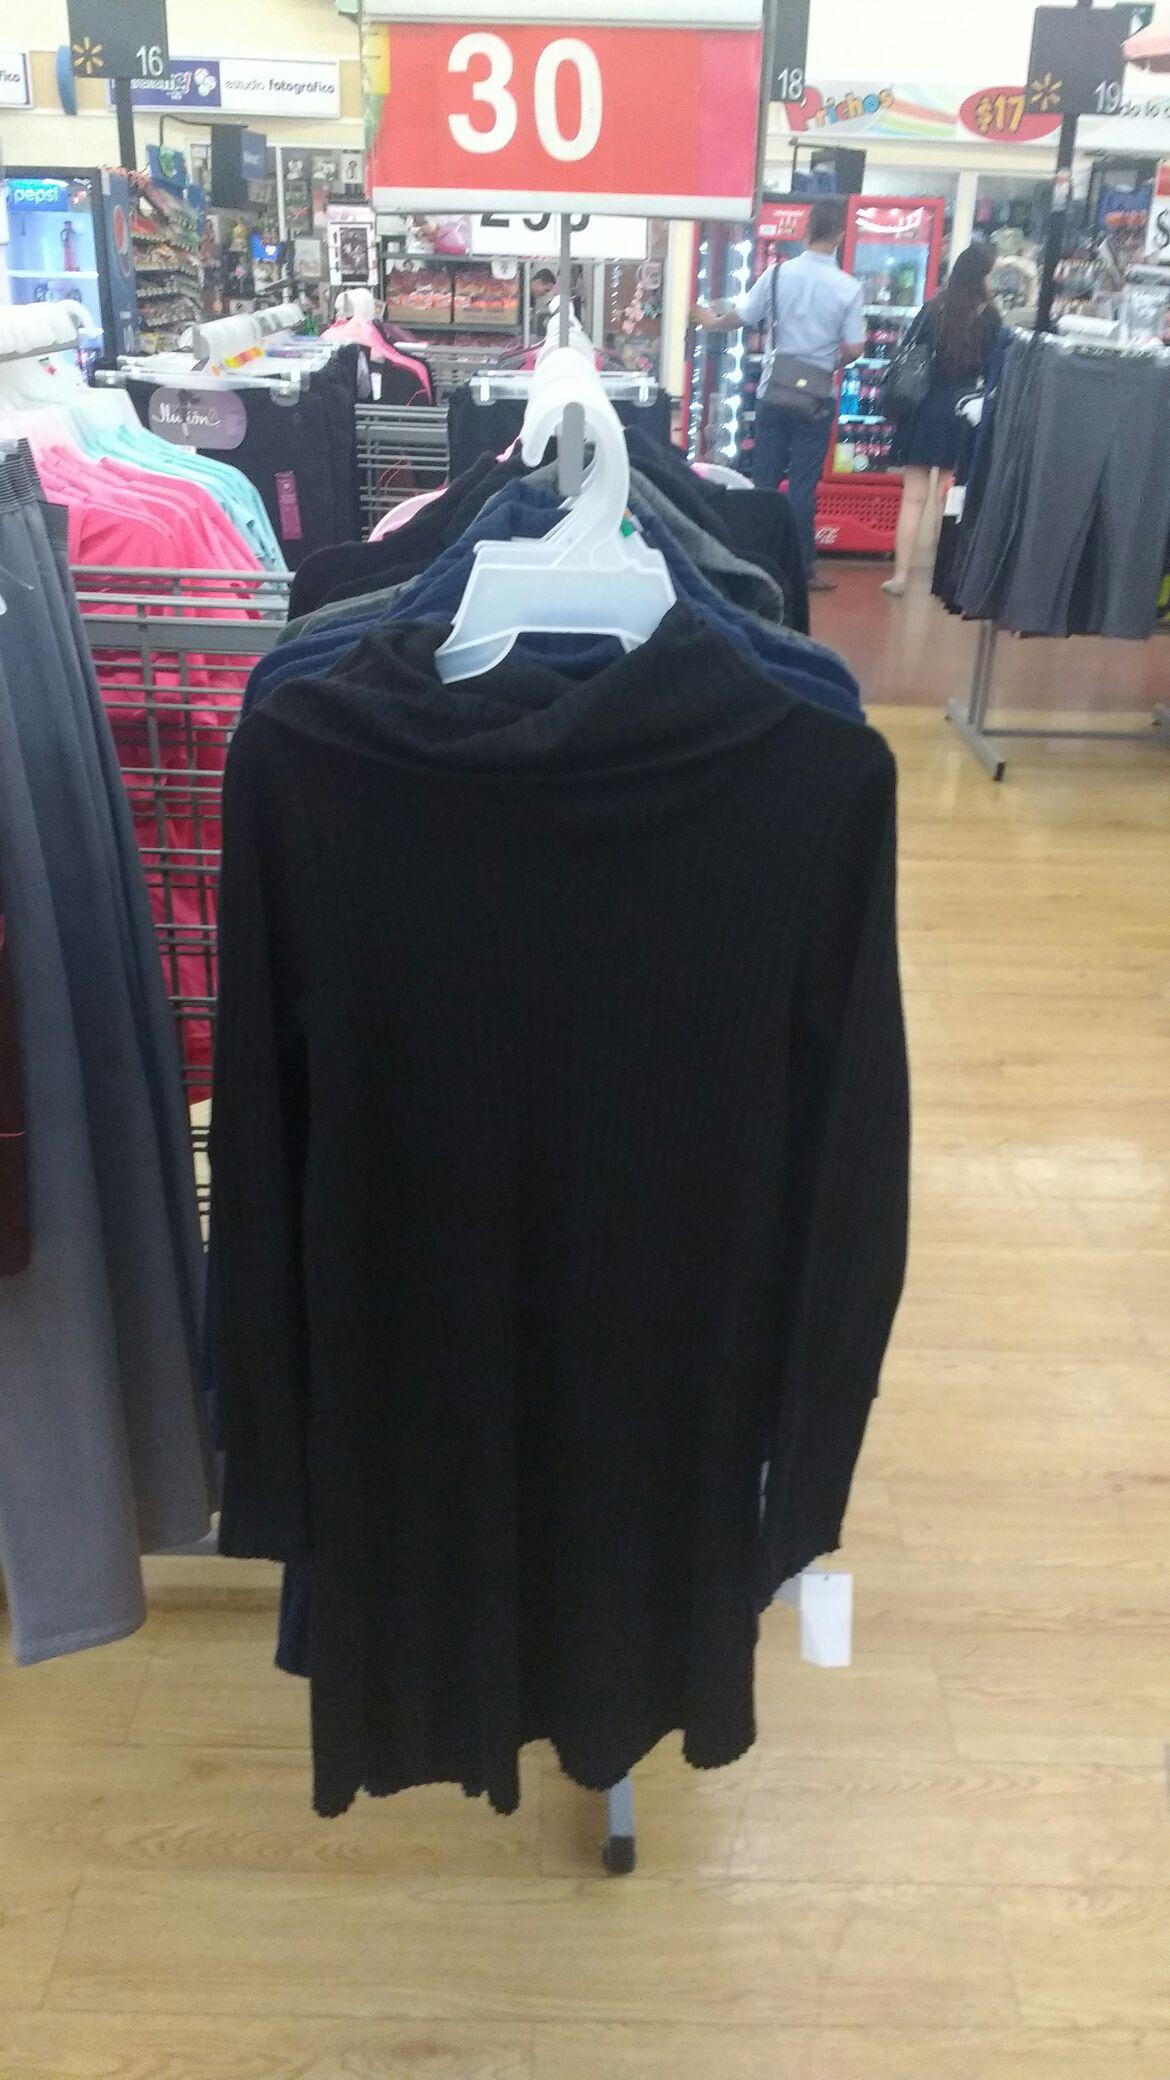 Walmart: Blusón de manga larga y cuello alto de $200 a $30.03